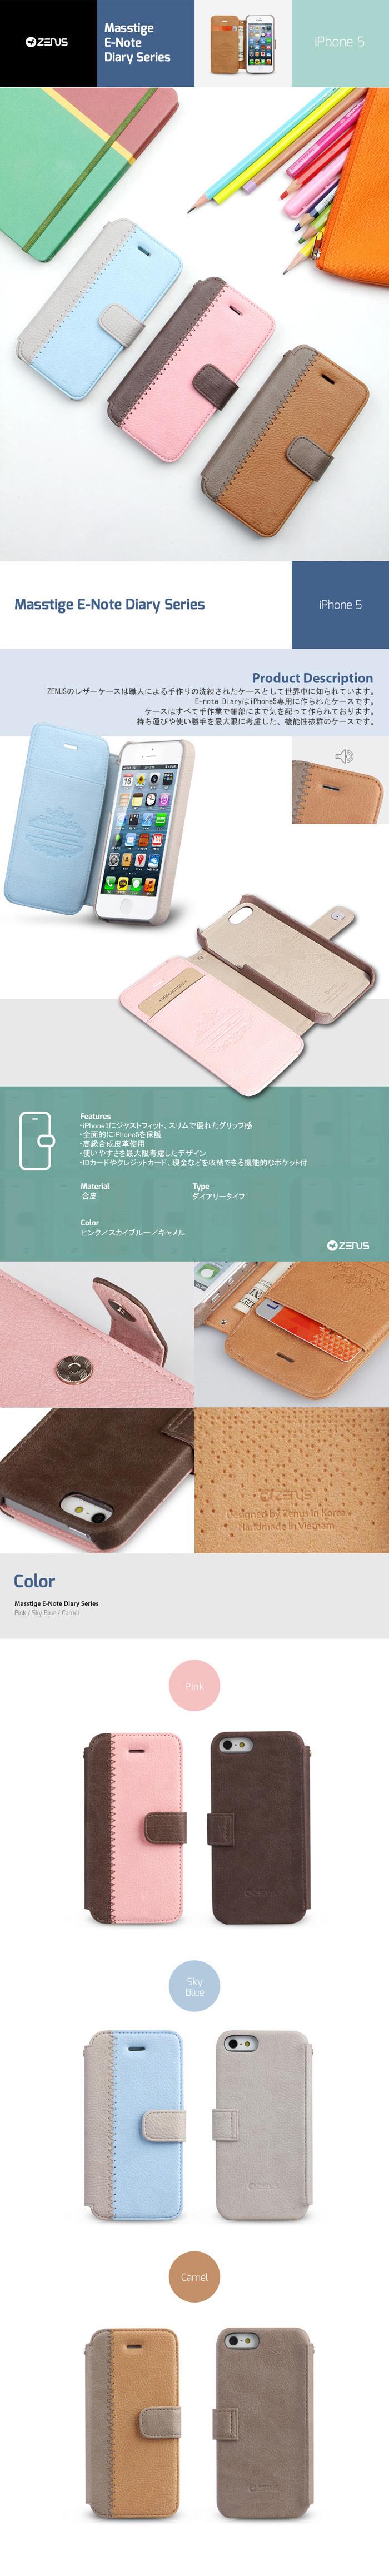 iphone5 enote jp